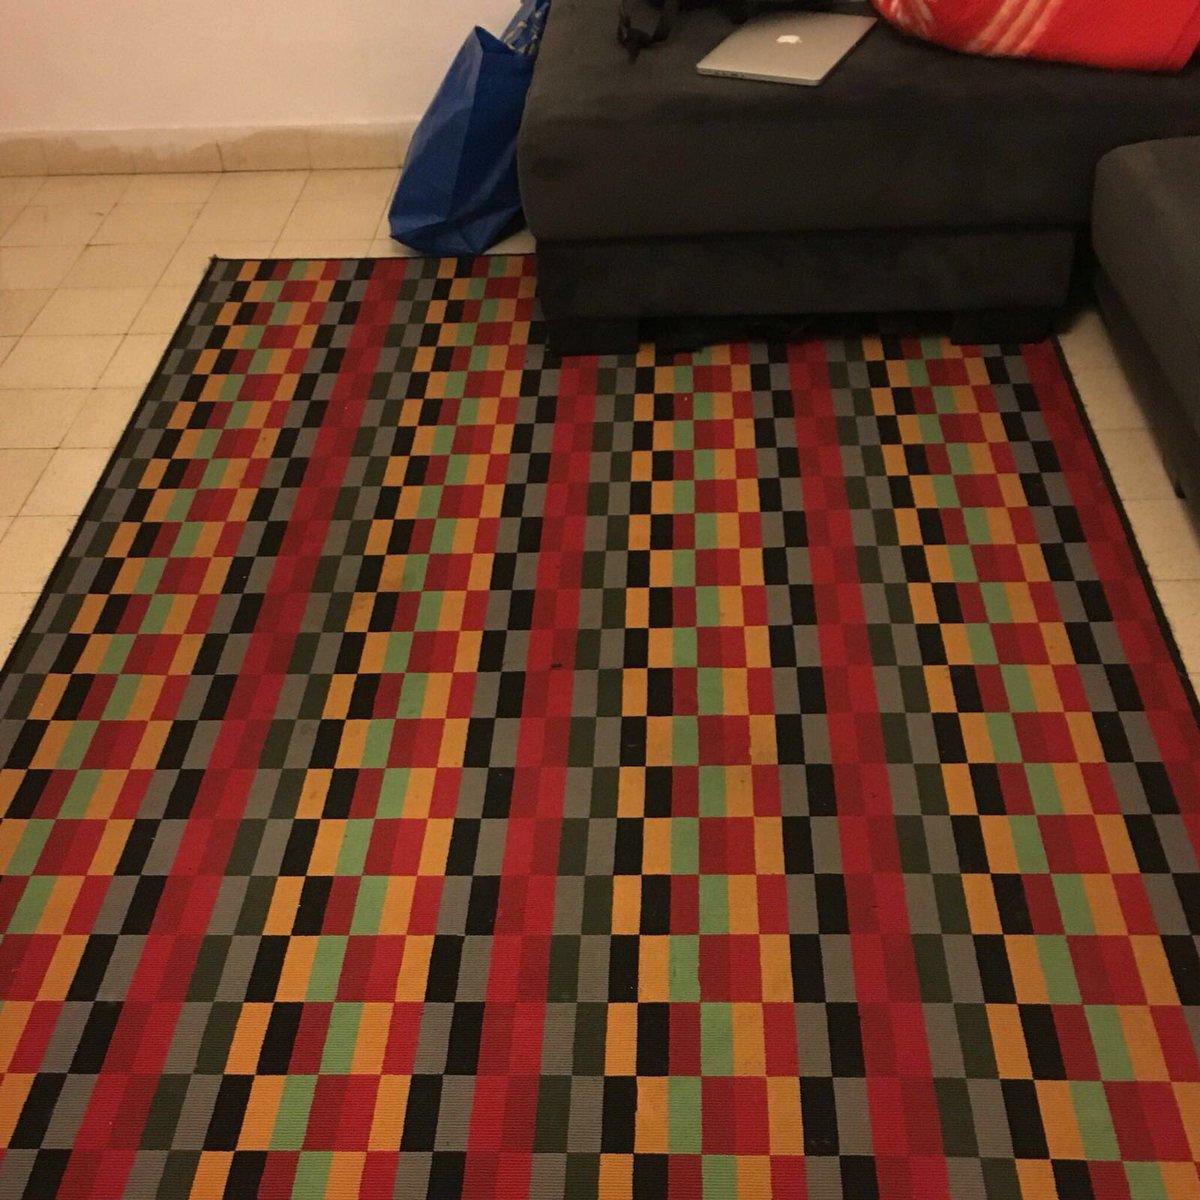 קיצר מוכרים את השטיח שלנו בן כמה חודשים במחיר מציאה - 200 שקלים (עלה 400 באיקאה) מומלצי! https://t.co/XBFXve0R3Q